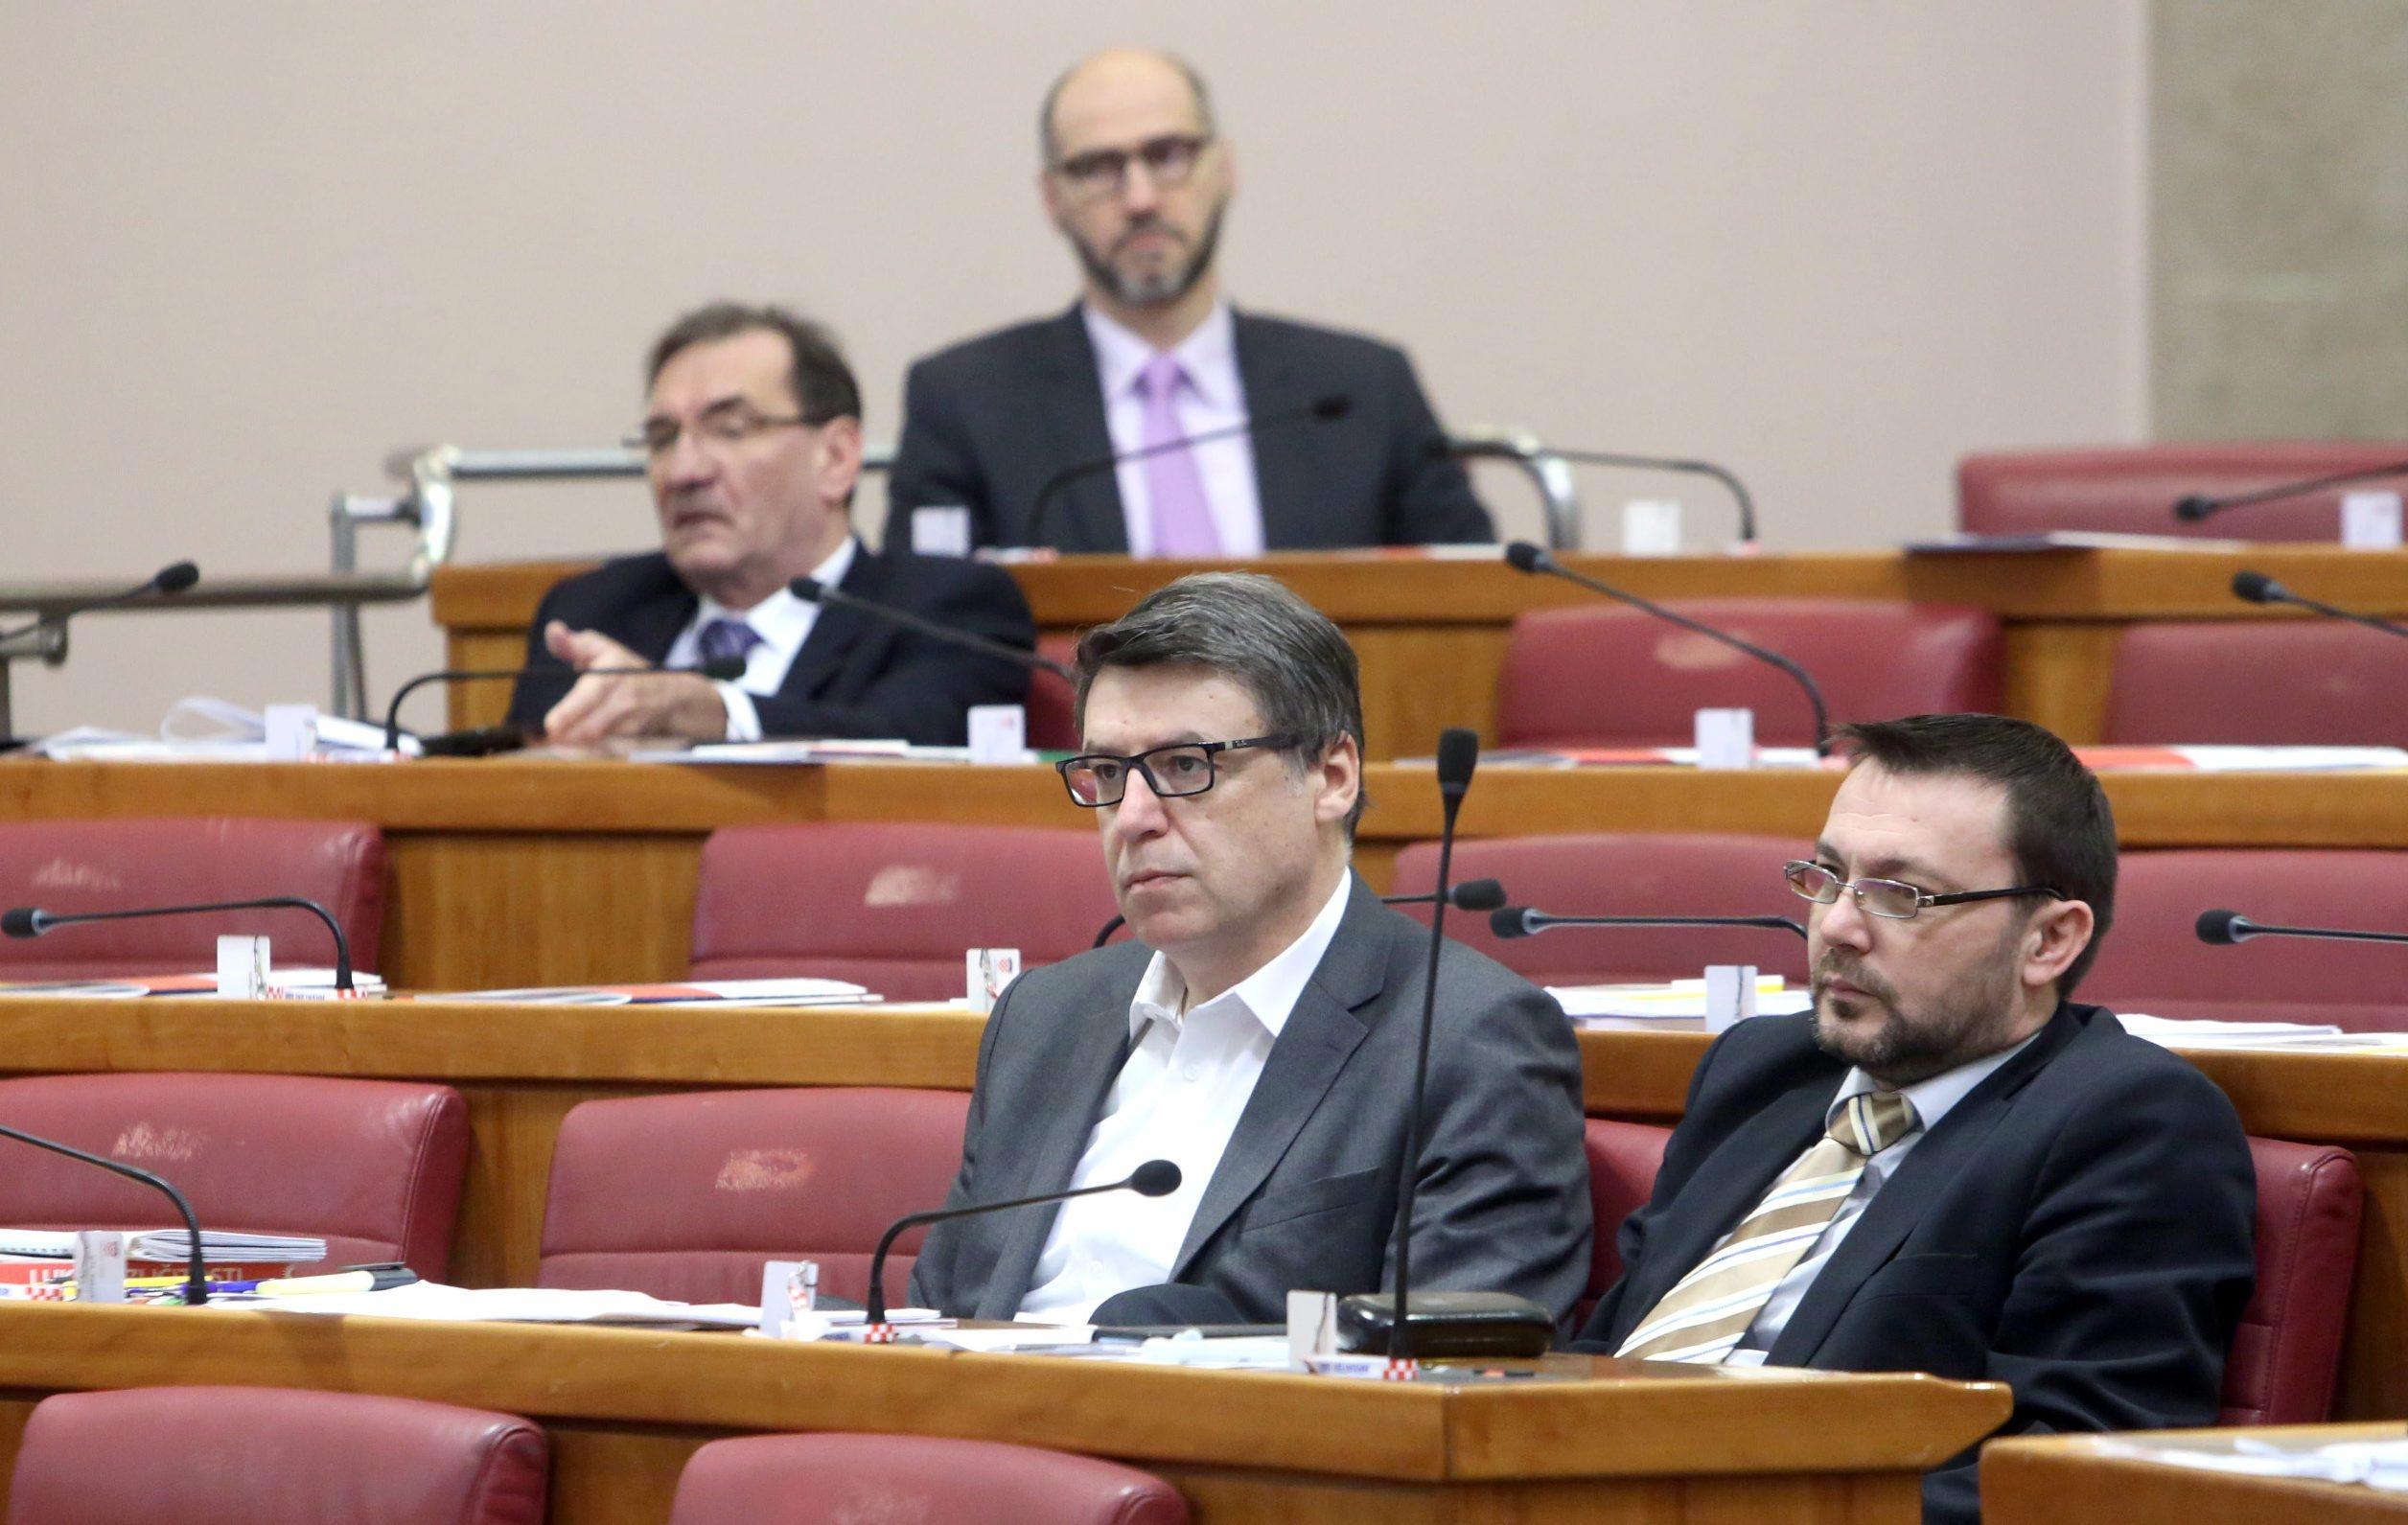 Željko Jovanović, Arsen Bauk